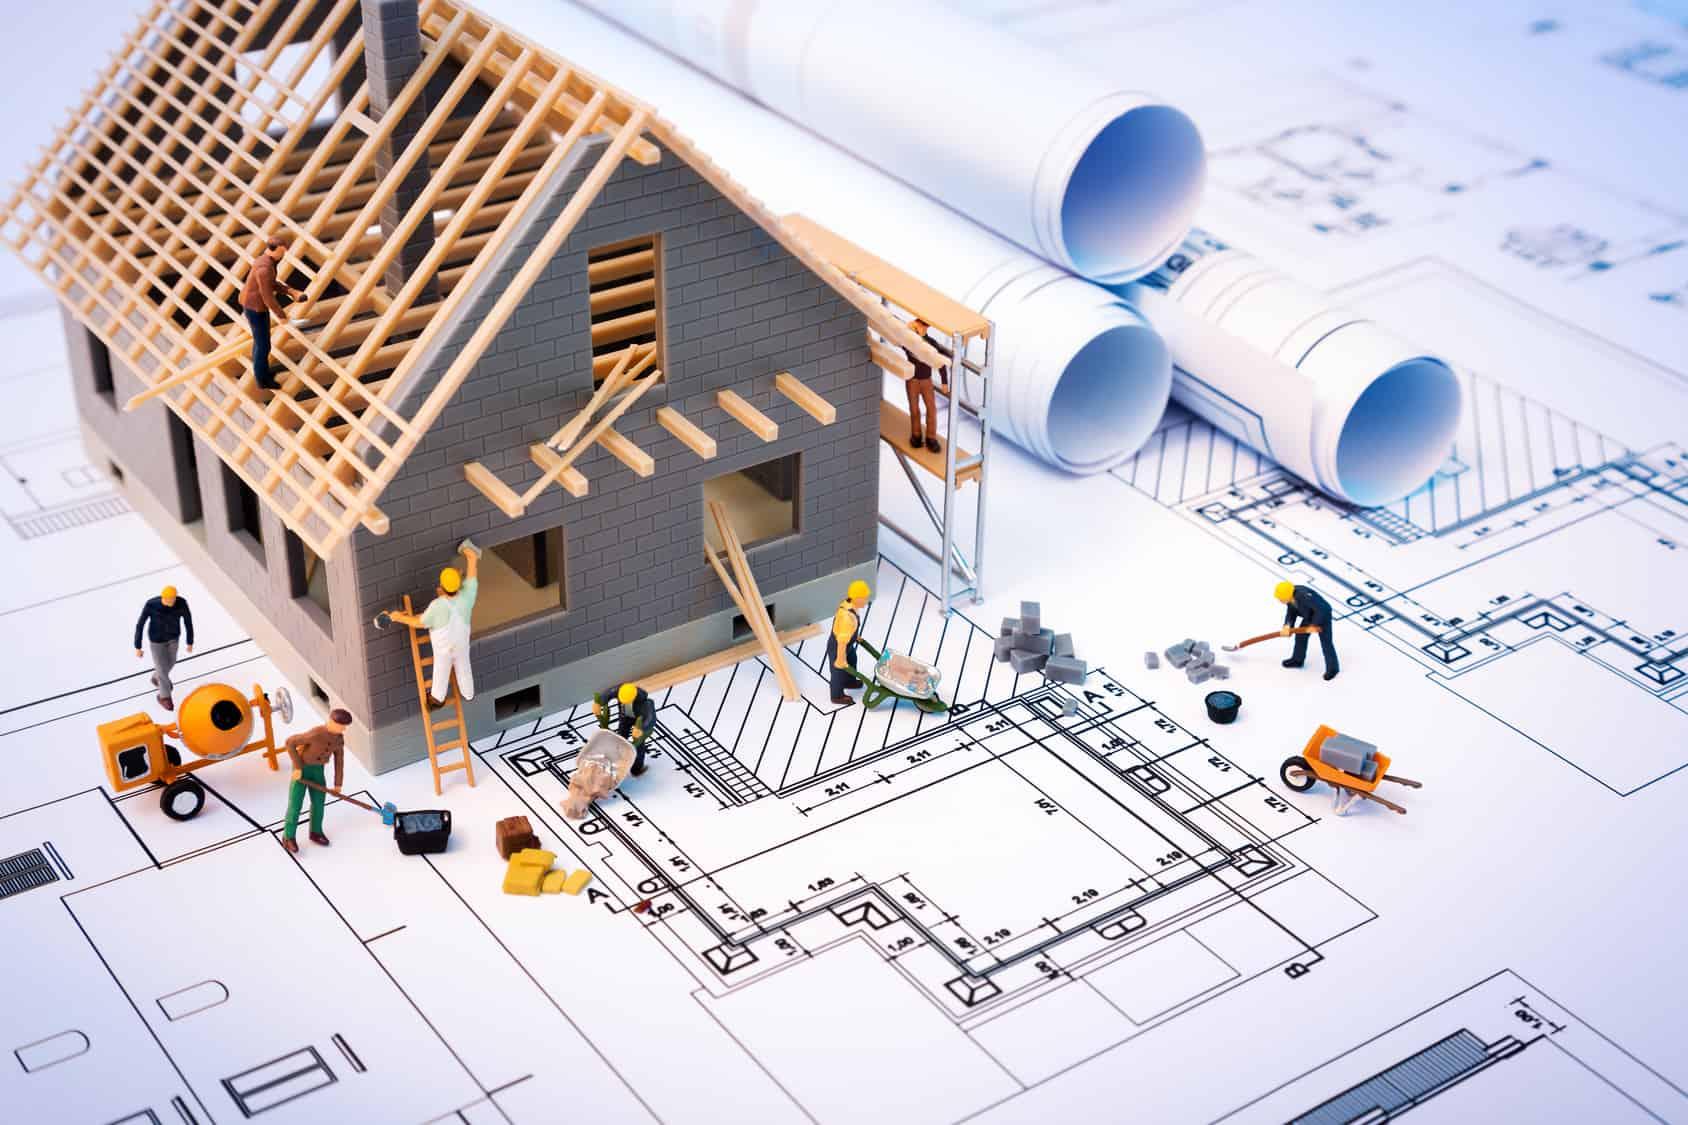 Immobilienerwerb sinnvoll? Das hängt von der individuellen Situation ab.